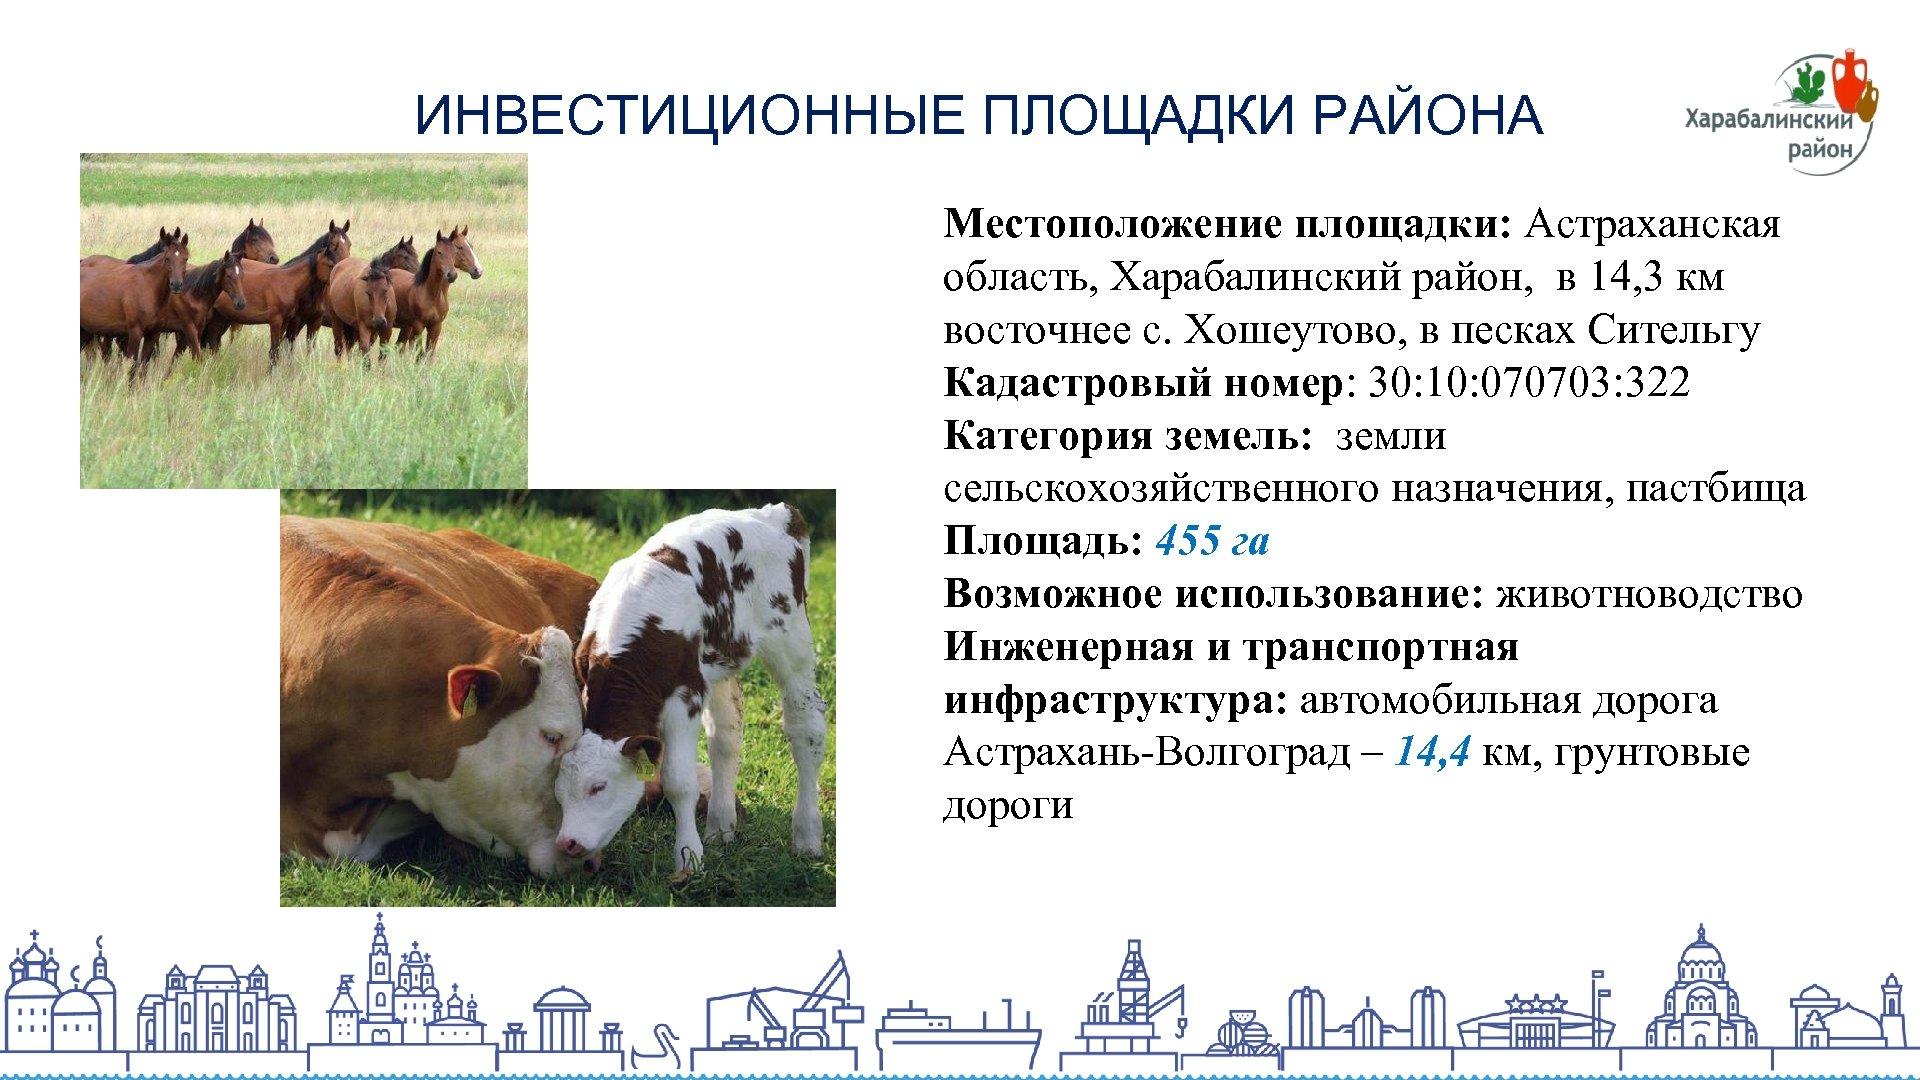 ИНВЕСТИЦИОННЫЕ ПЛОЩАДКИ РАЙОНА Местоположение площадки: Астраханская область, Харабалинский район, в 14, 3 км восточнее